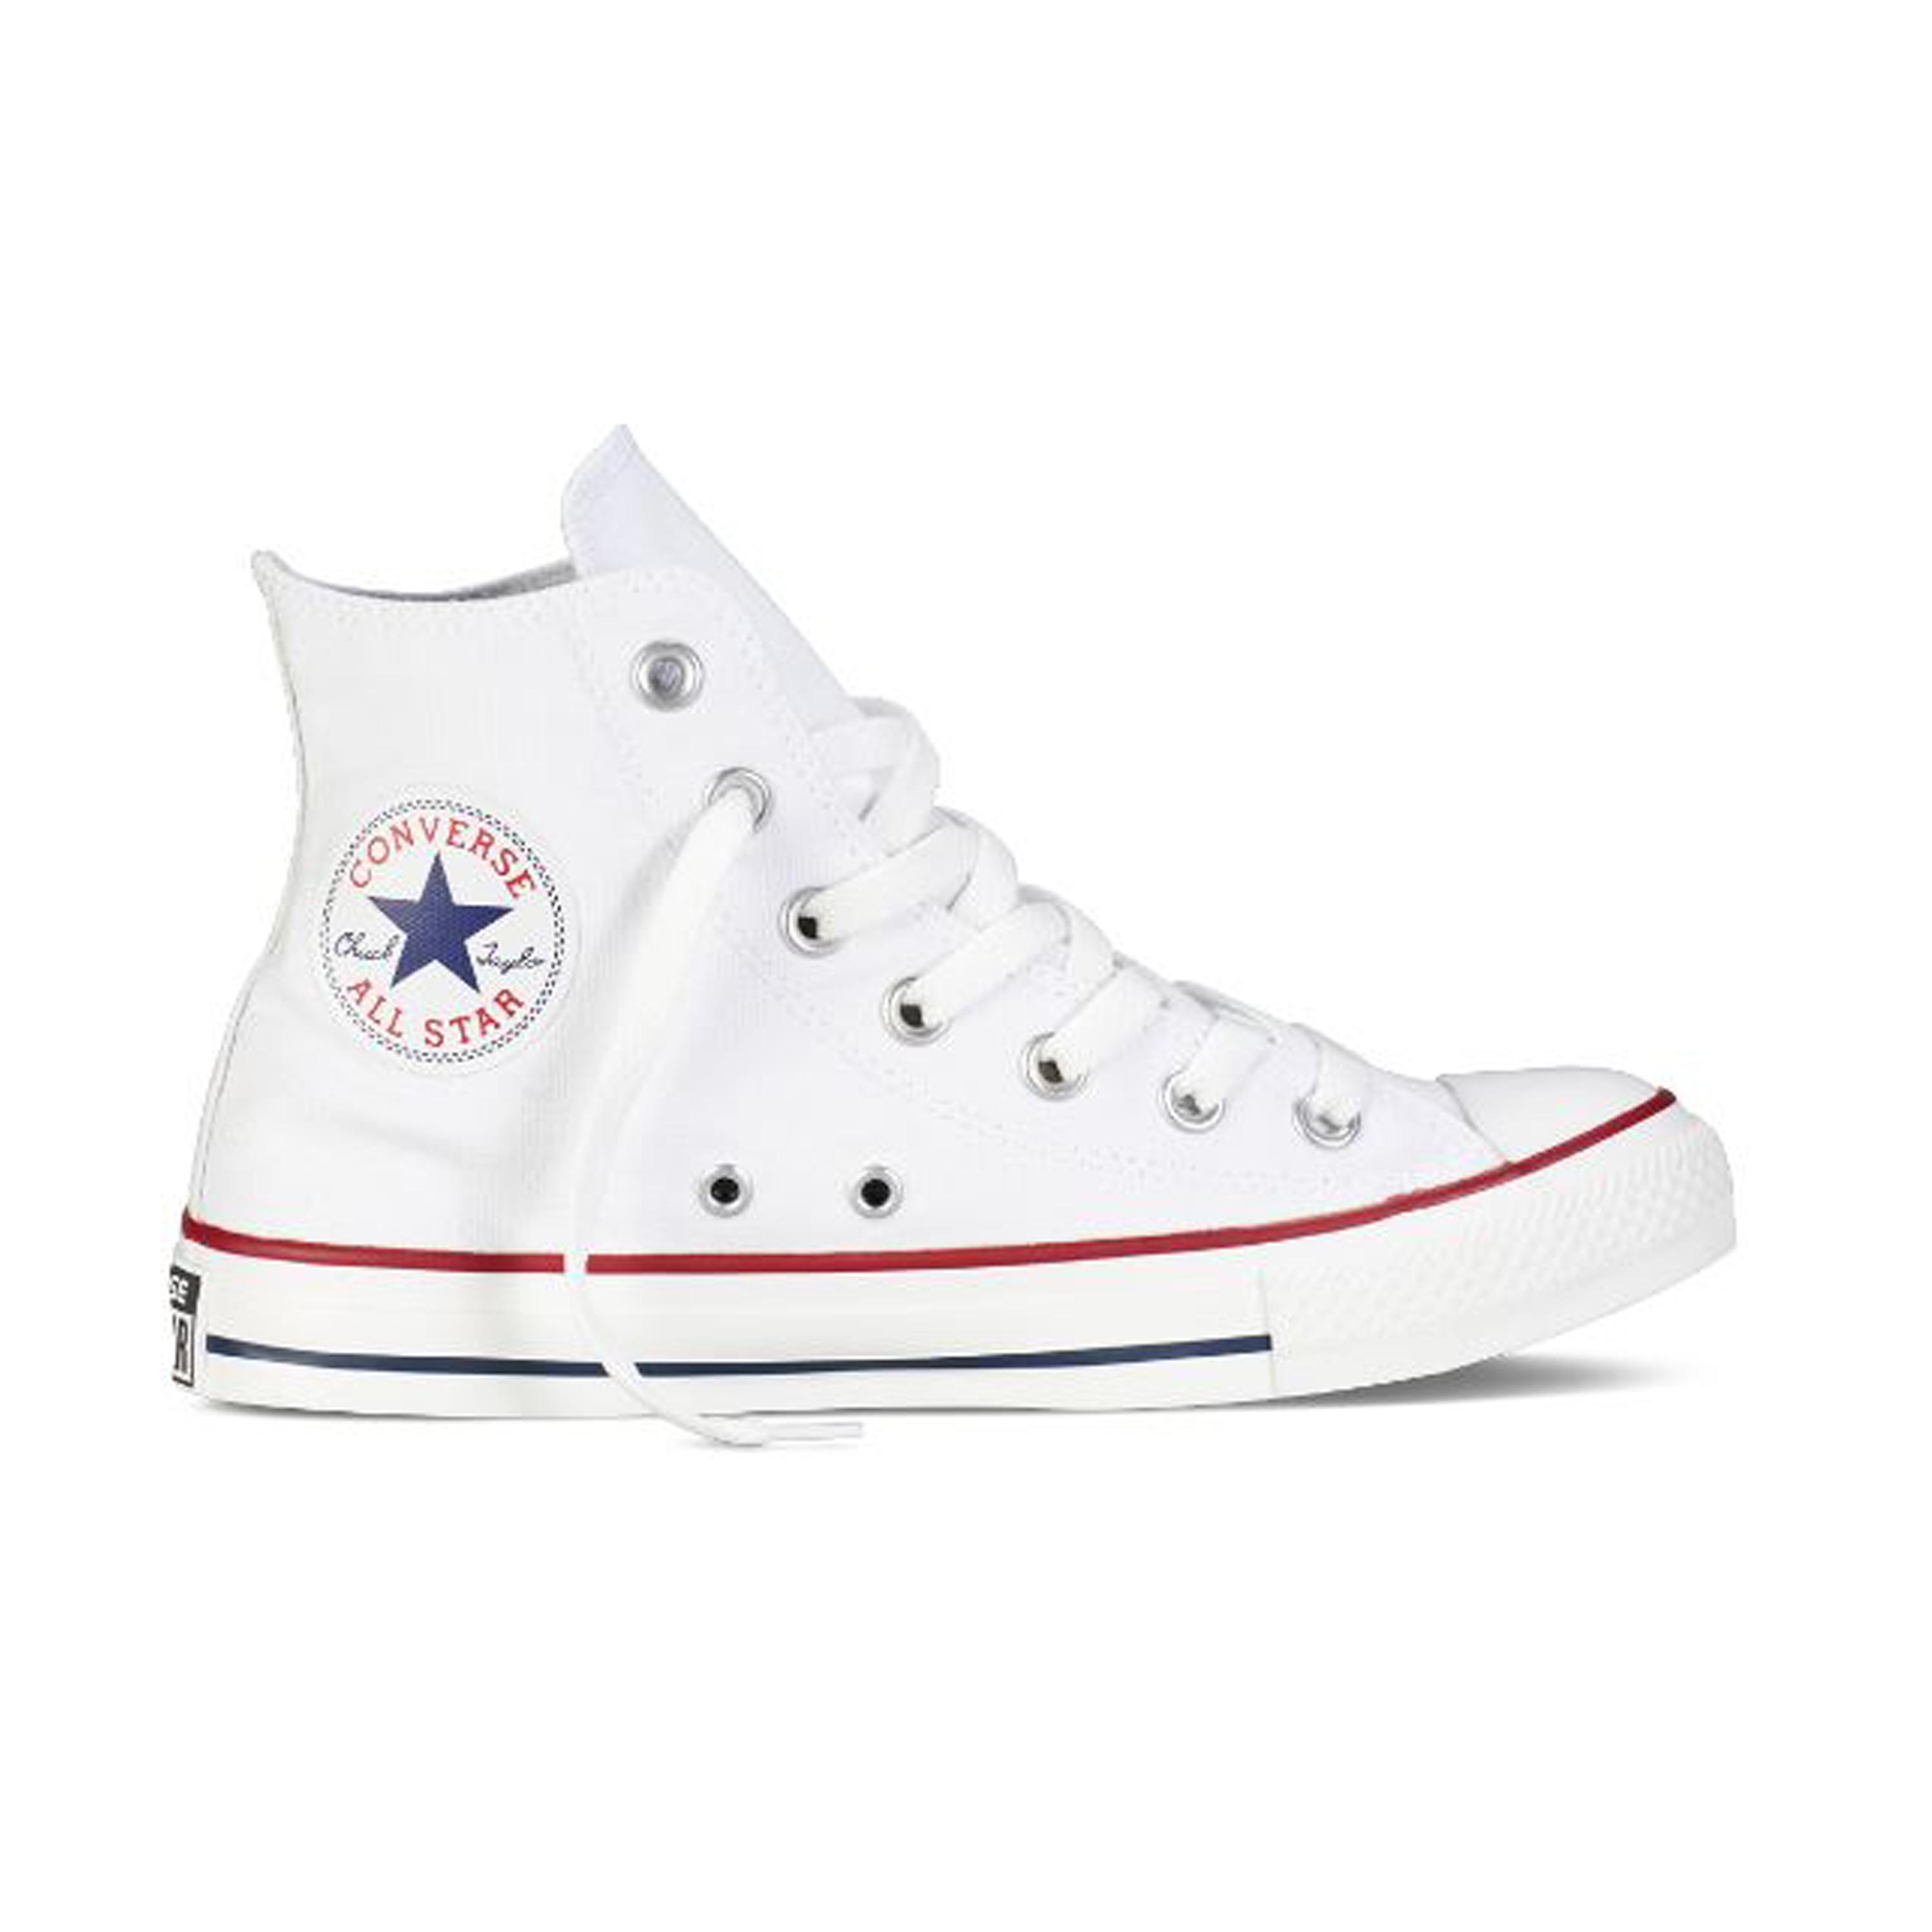 converse all star bota escala sabates i complements s.l sant feliu